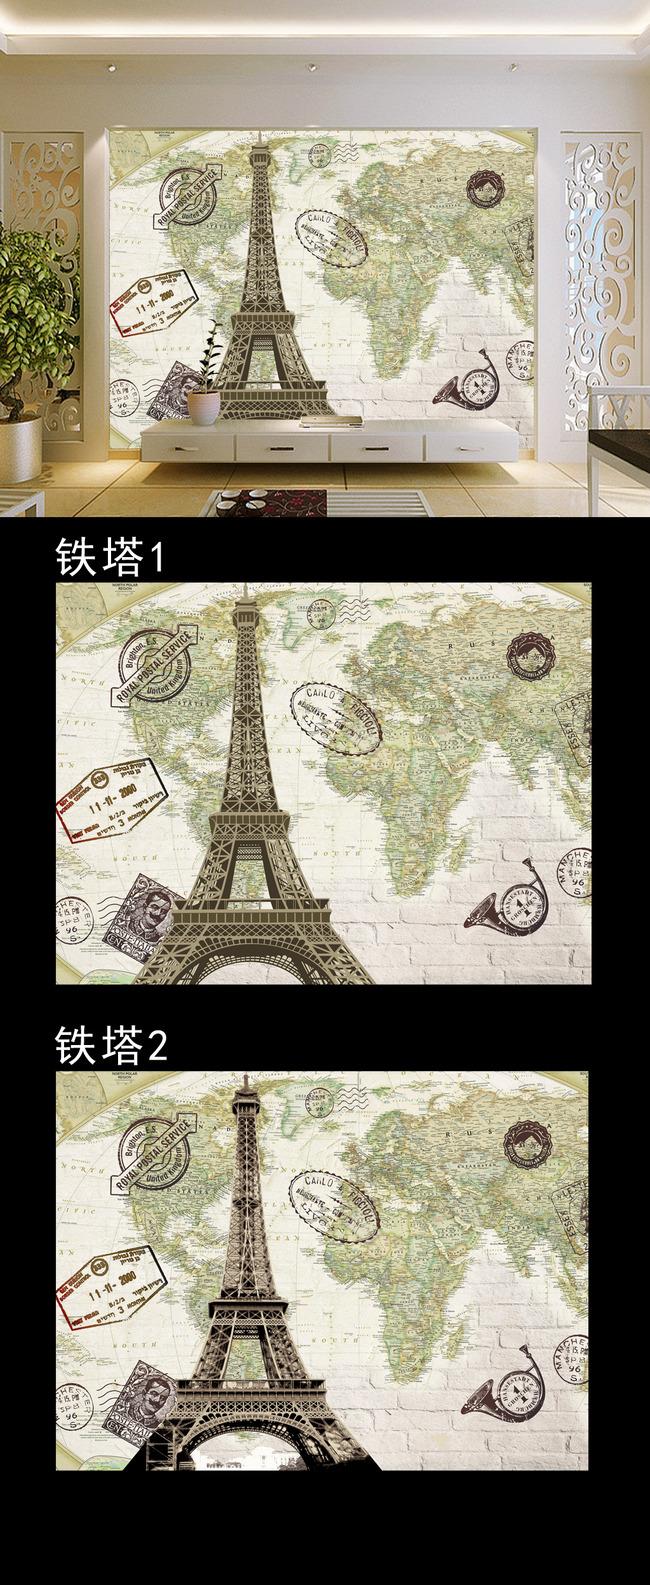 复古世界地图埃菲尔铁塔背景墙